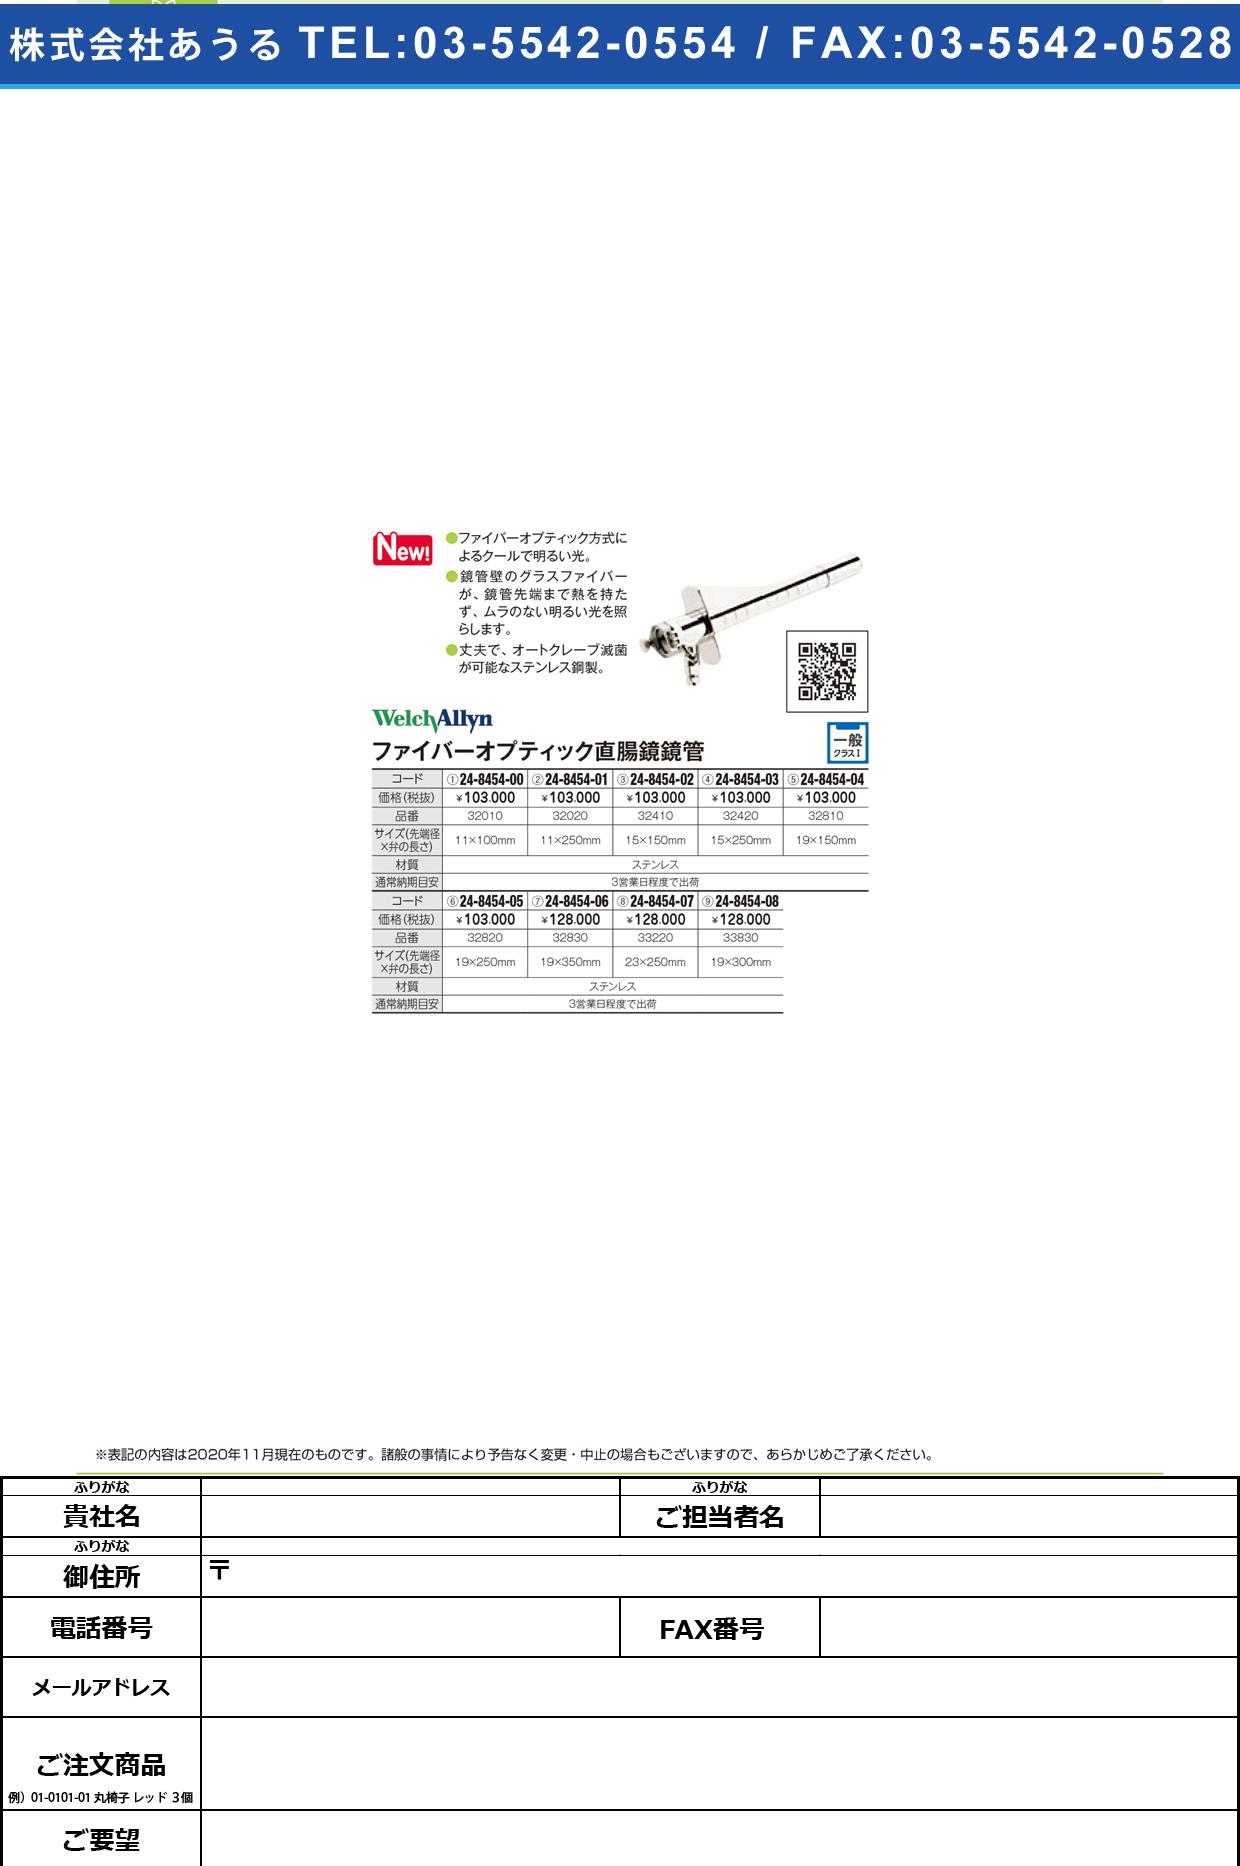 ファイバーオプティック直腸鏡 32420(15MMX250MM)32420(15MMX250MM)(24-8454-03)【ウェルチ・アレン・ジャパン】(販売単位:1)